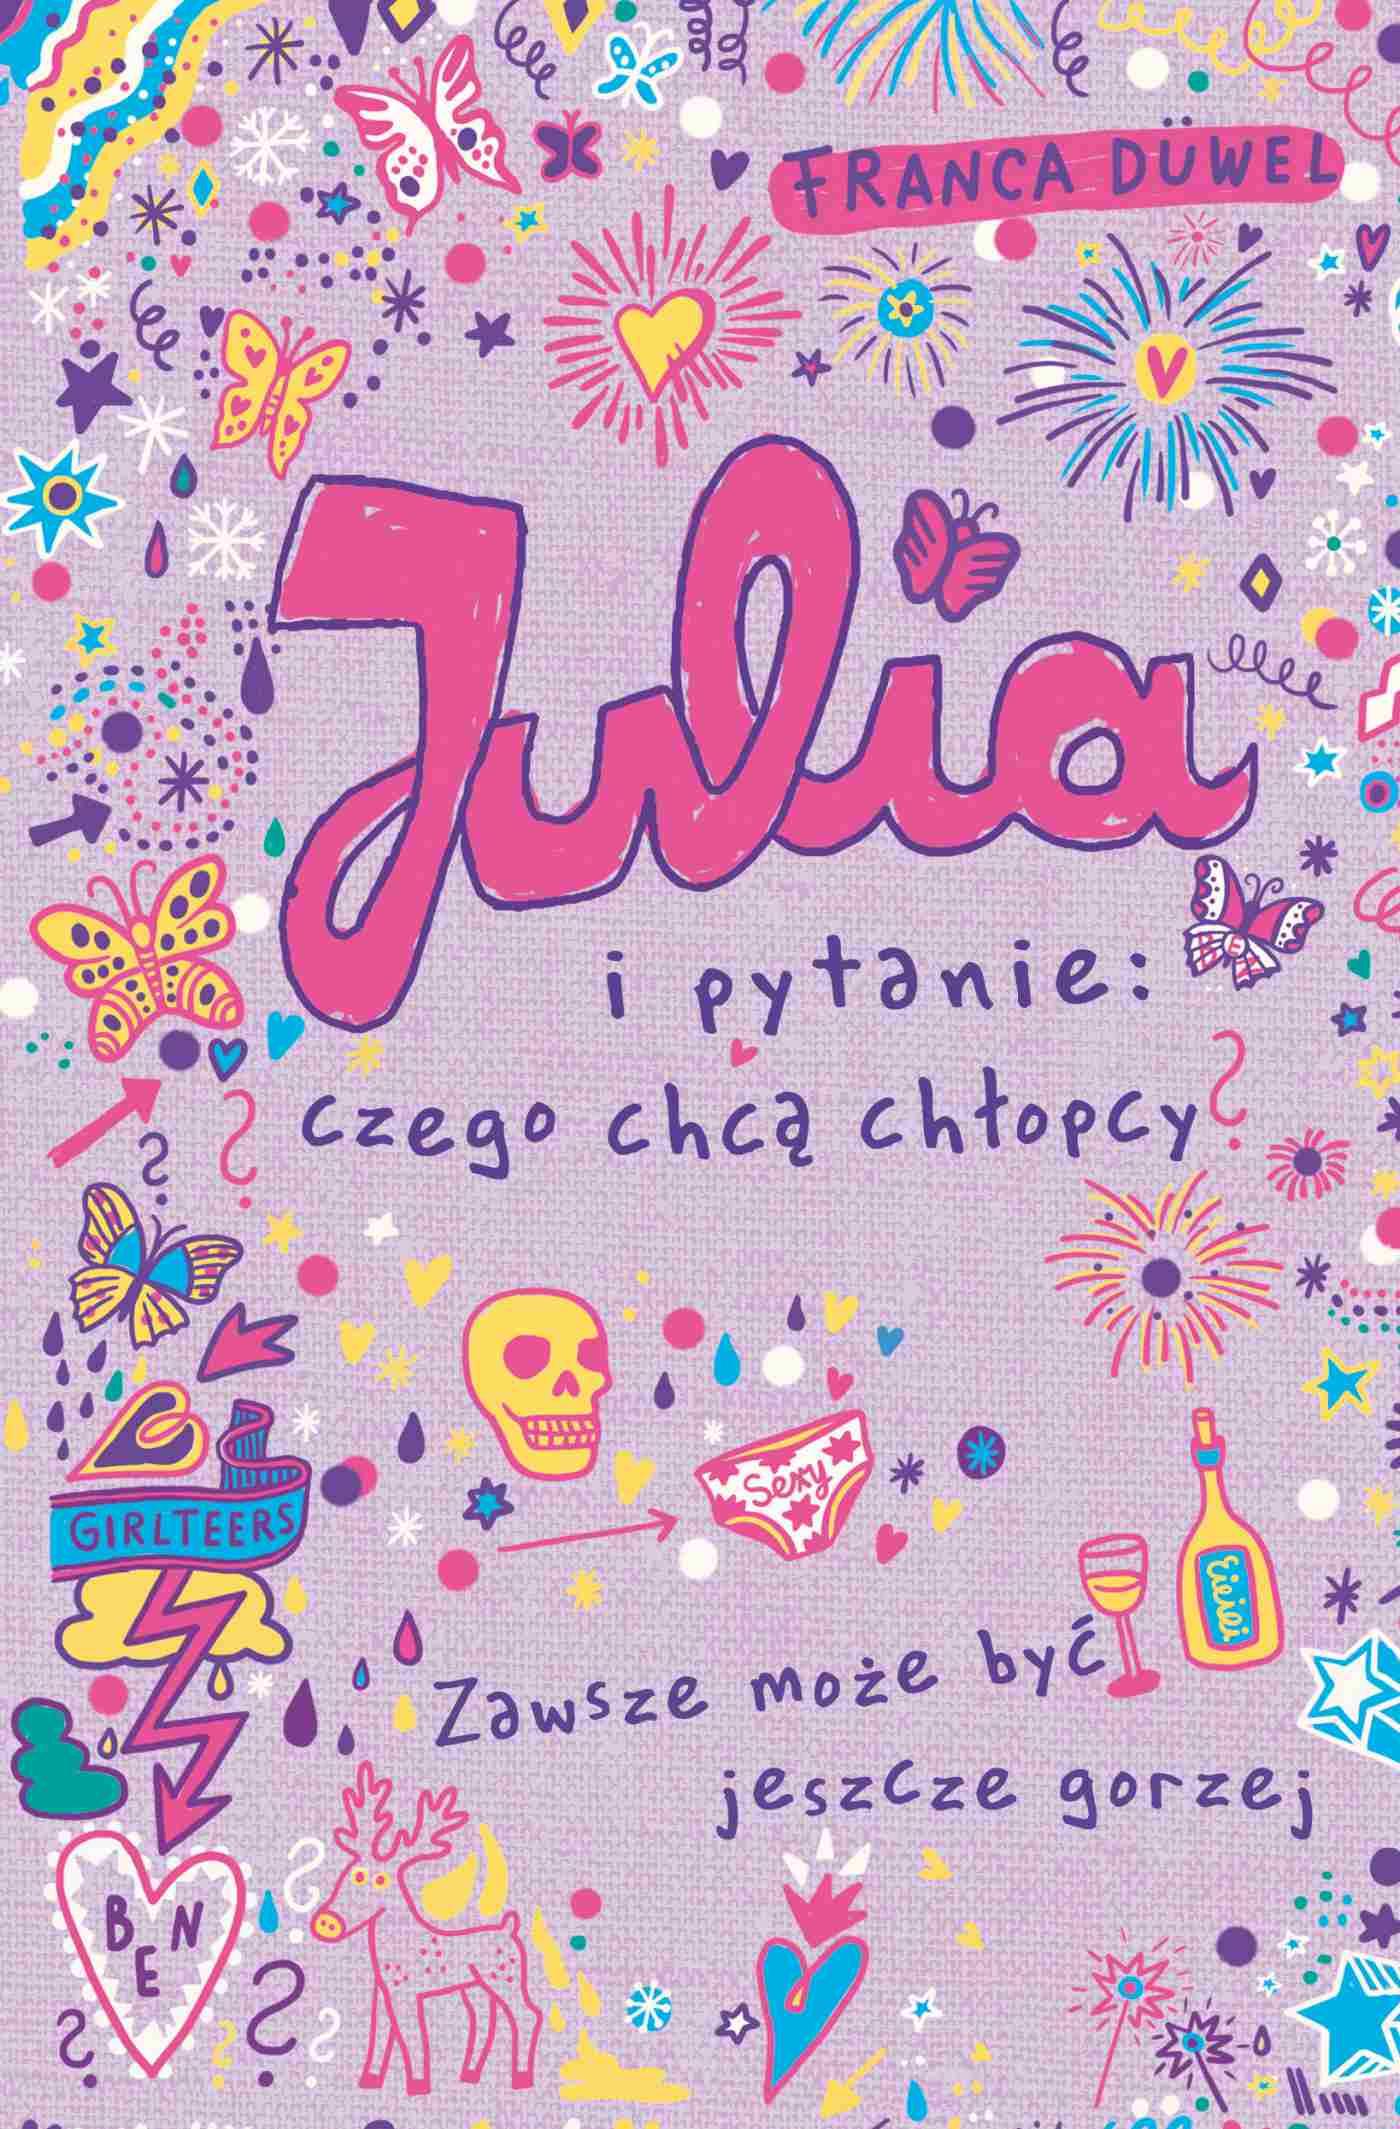 Julia i pytanie: czego chcą chłopcy? - Ebook (Książka na Kindle) do pobrania w formacie MOBI